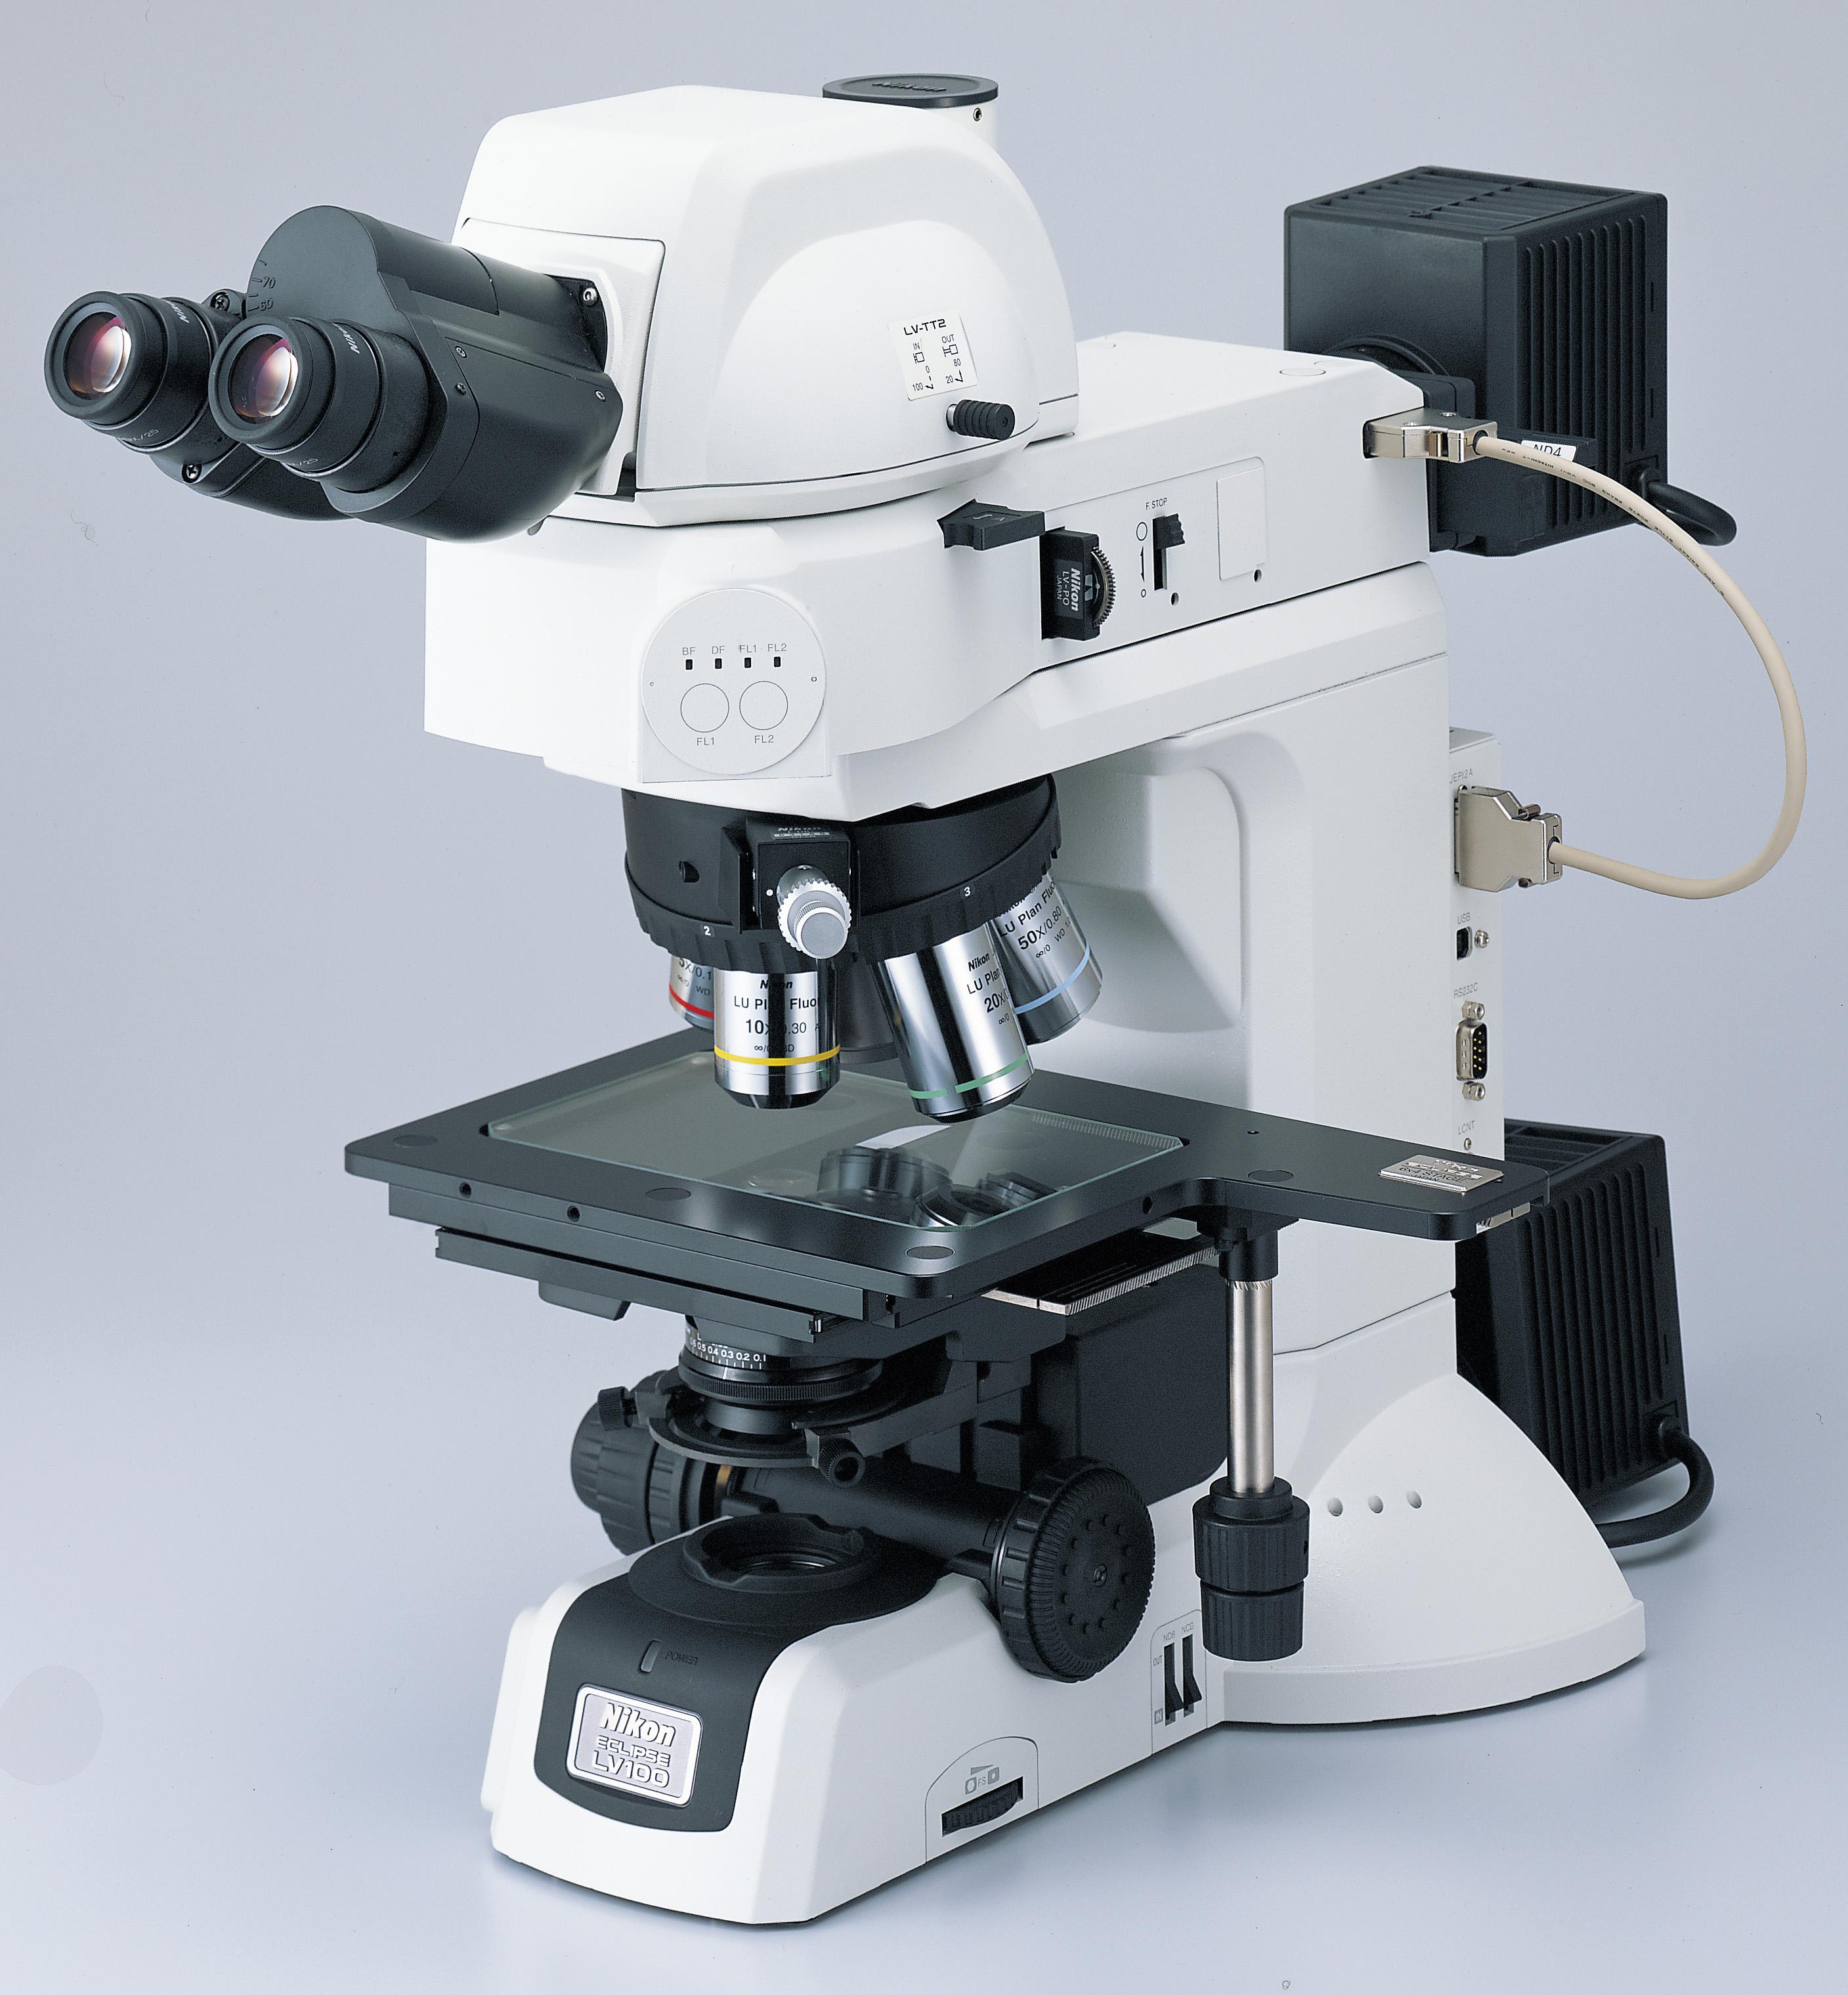 產品檢測用到的工業顯微鏡、測量顯微鏡、影像測量儀